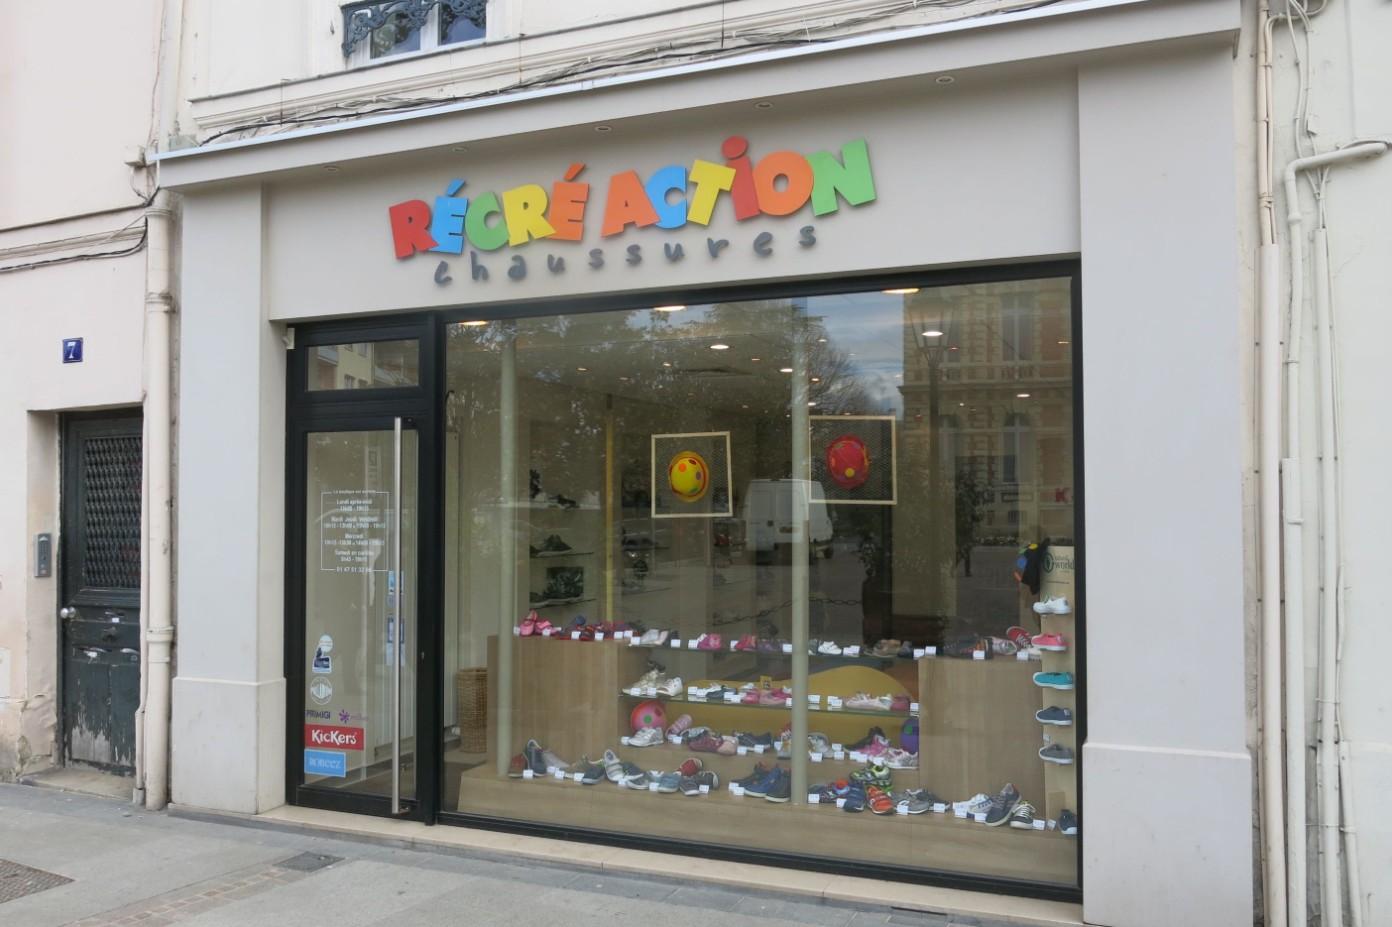 boutique recre action chaussures